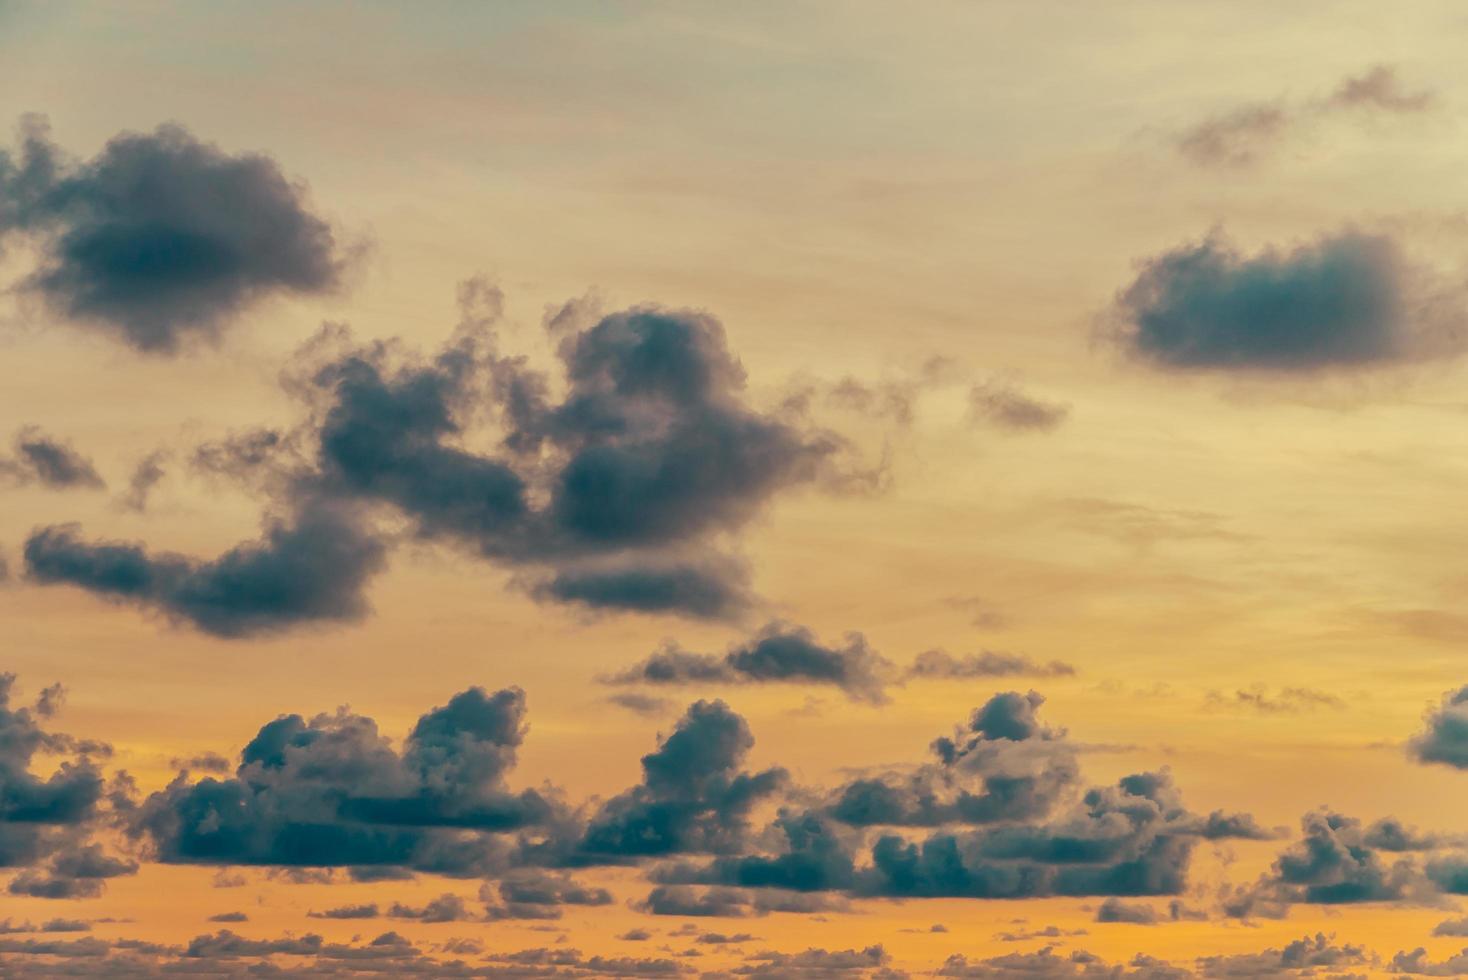 nuage sur le ciel photo